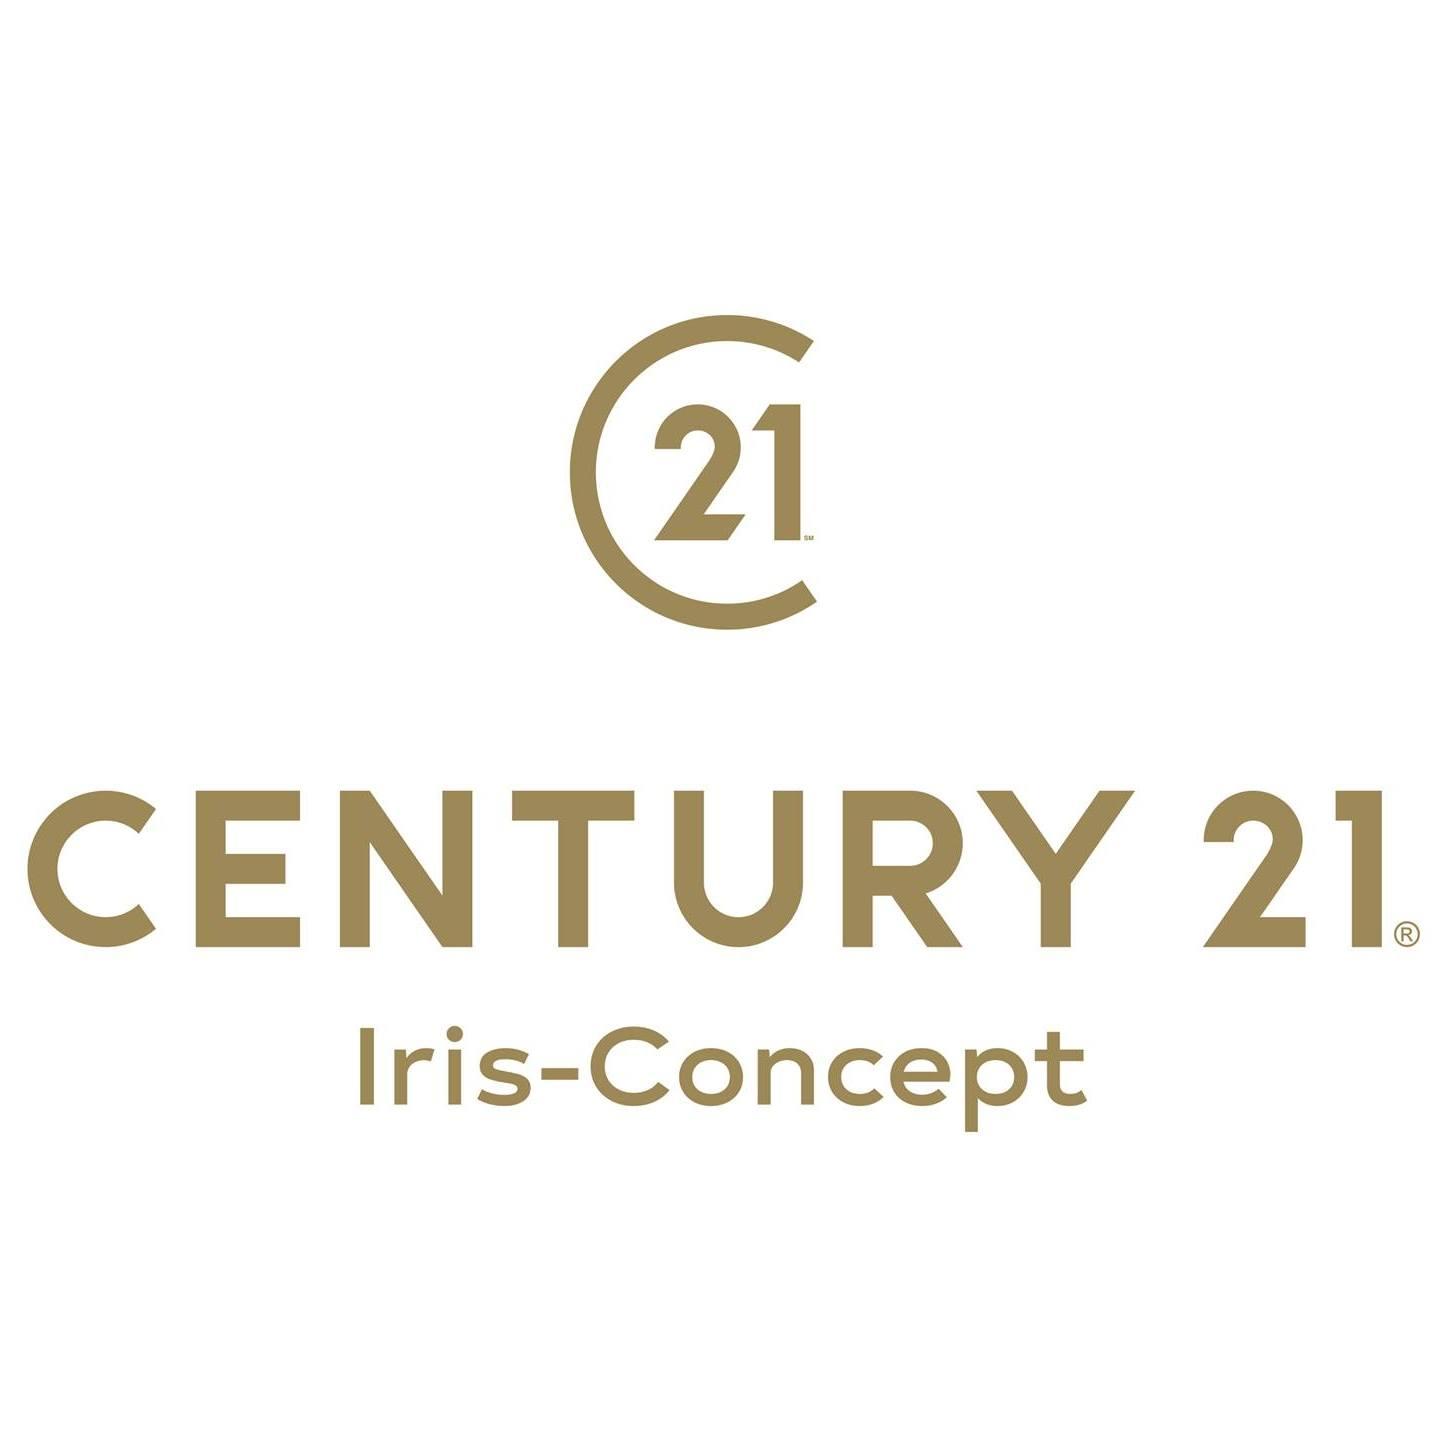 C21 Iris-Concept